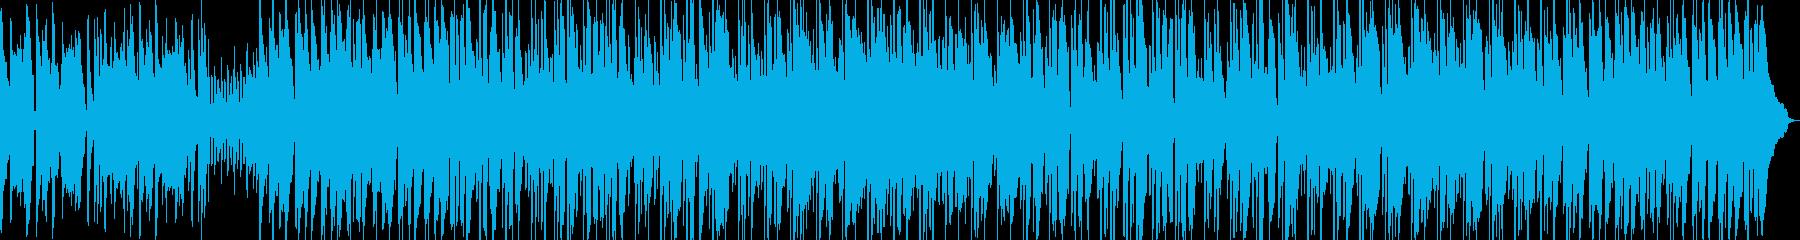 モダン 実験的 ほのぼの 幸せ ロ...の再生済みの波形